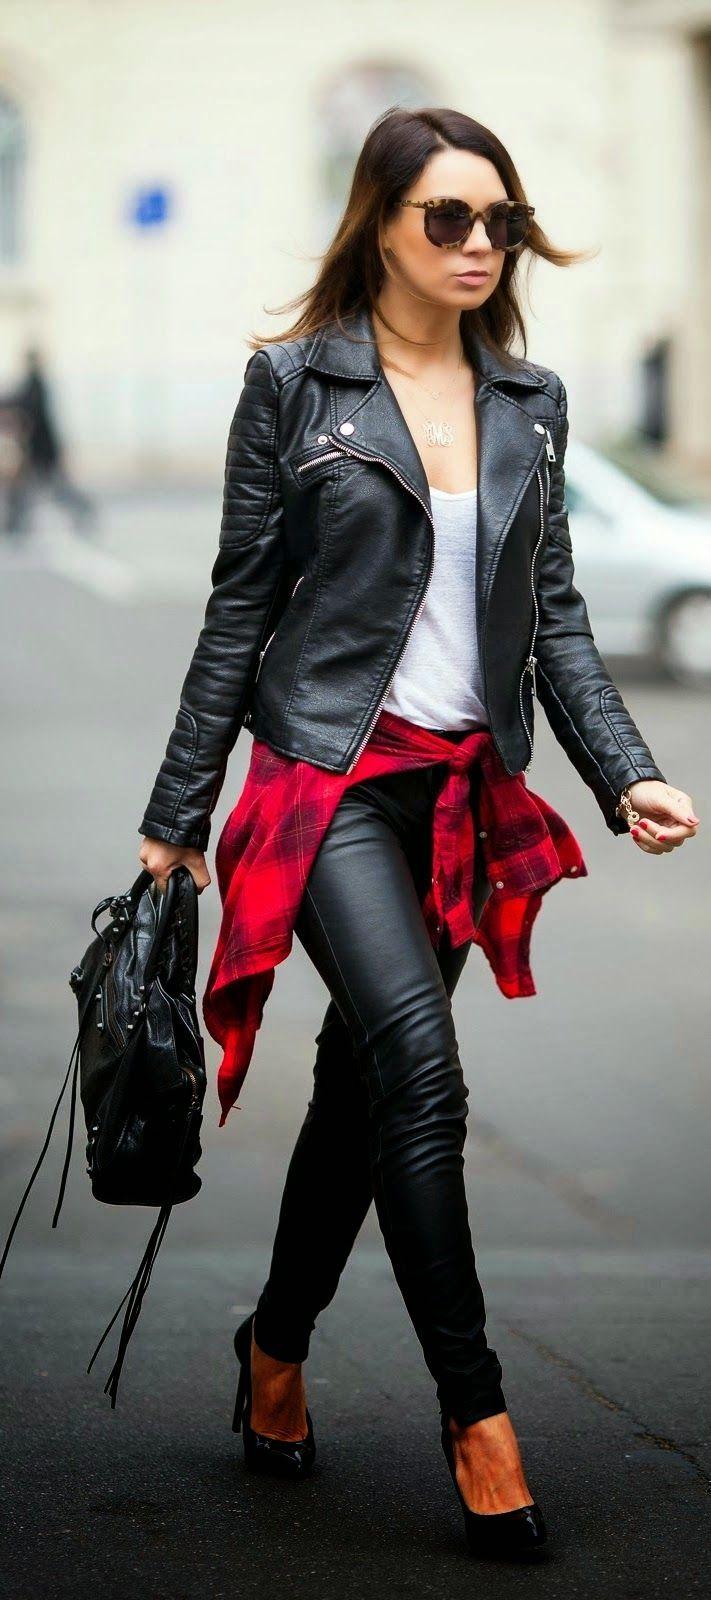 jaqueta de couro com calça de couro, moda inverno, roupas da moda